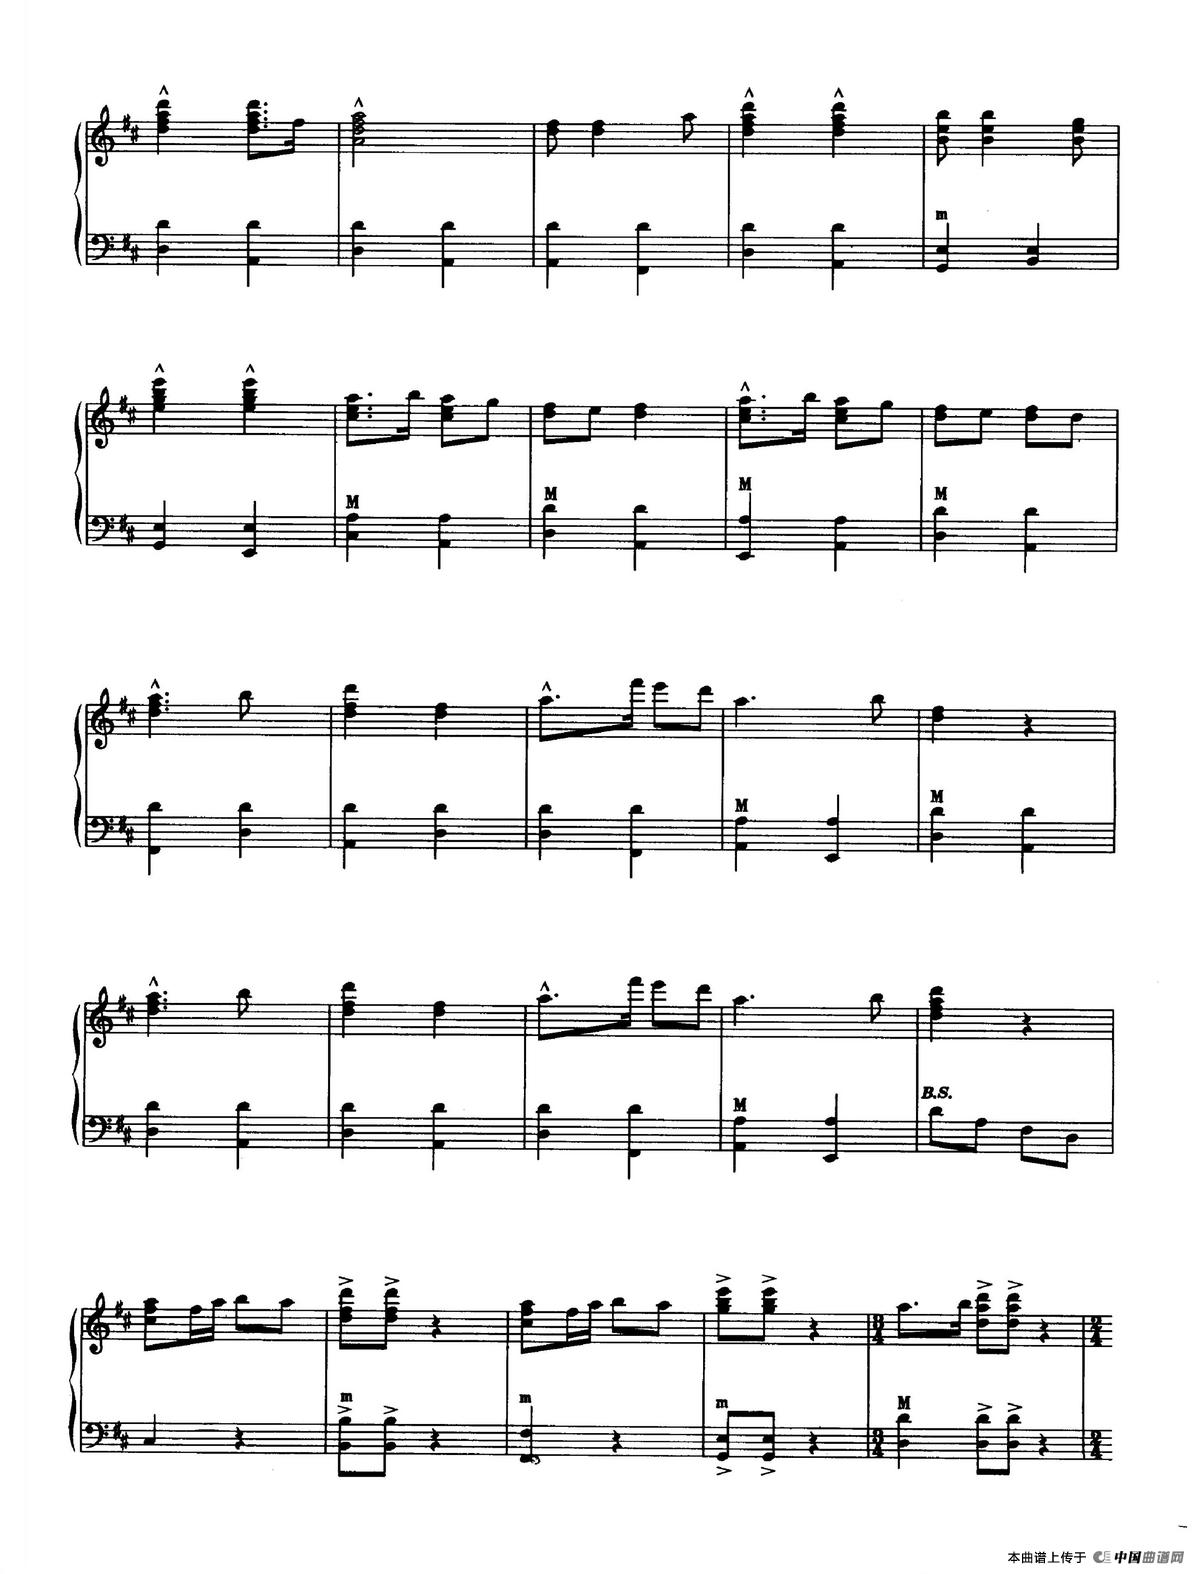 保卫黄河钢琴谱(曹子平编曲版)_器乐乐谱_中国曲谱网